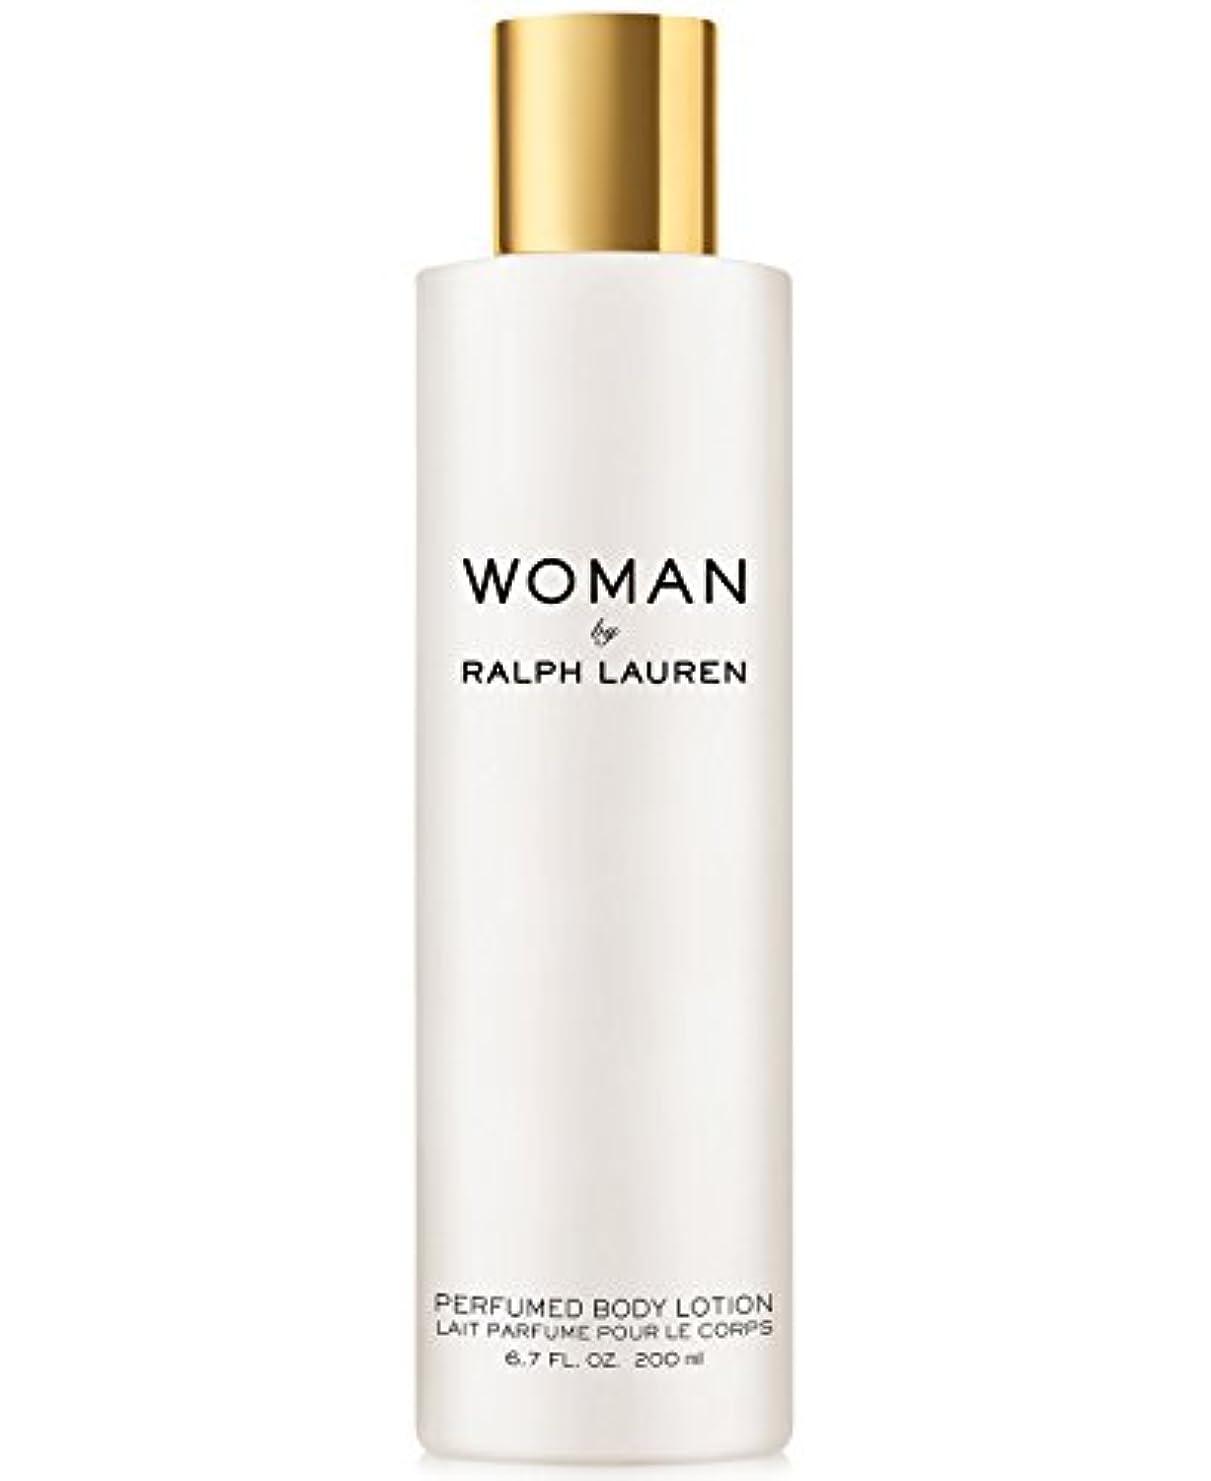 美人添加剤寺院Woman (ウーマン) 6.7 oz (200ml) Perfumed Body Lotion(ラルフ ローレン)